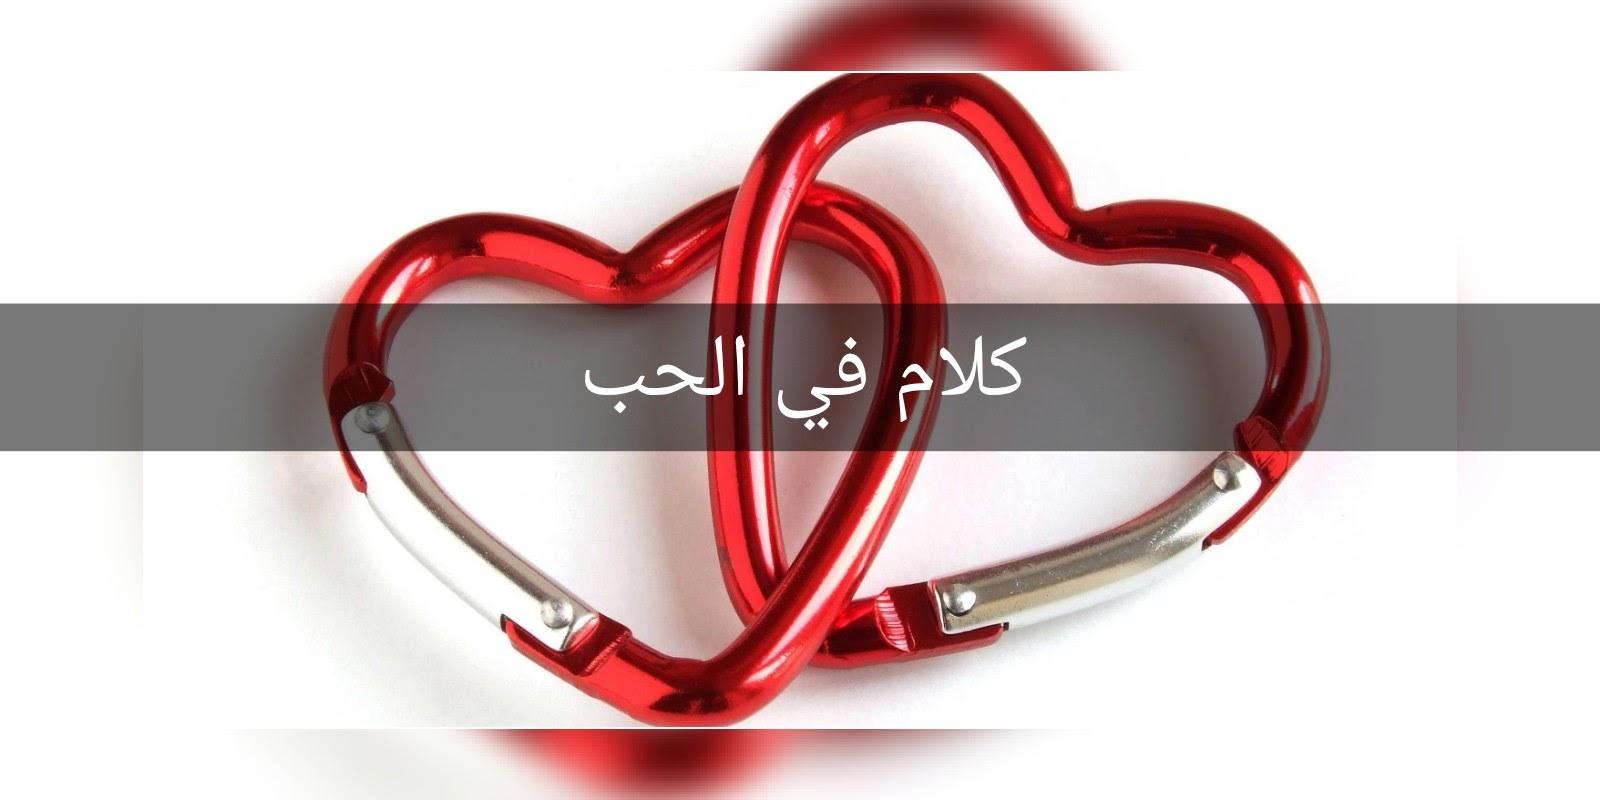 بالصور اجمل كلام عن الحب , الحب واجمل الكلام والافعال من اجل الحب 3551 10